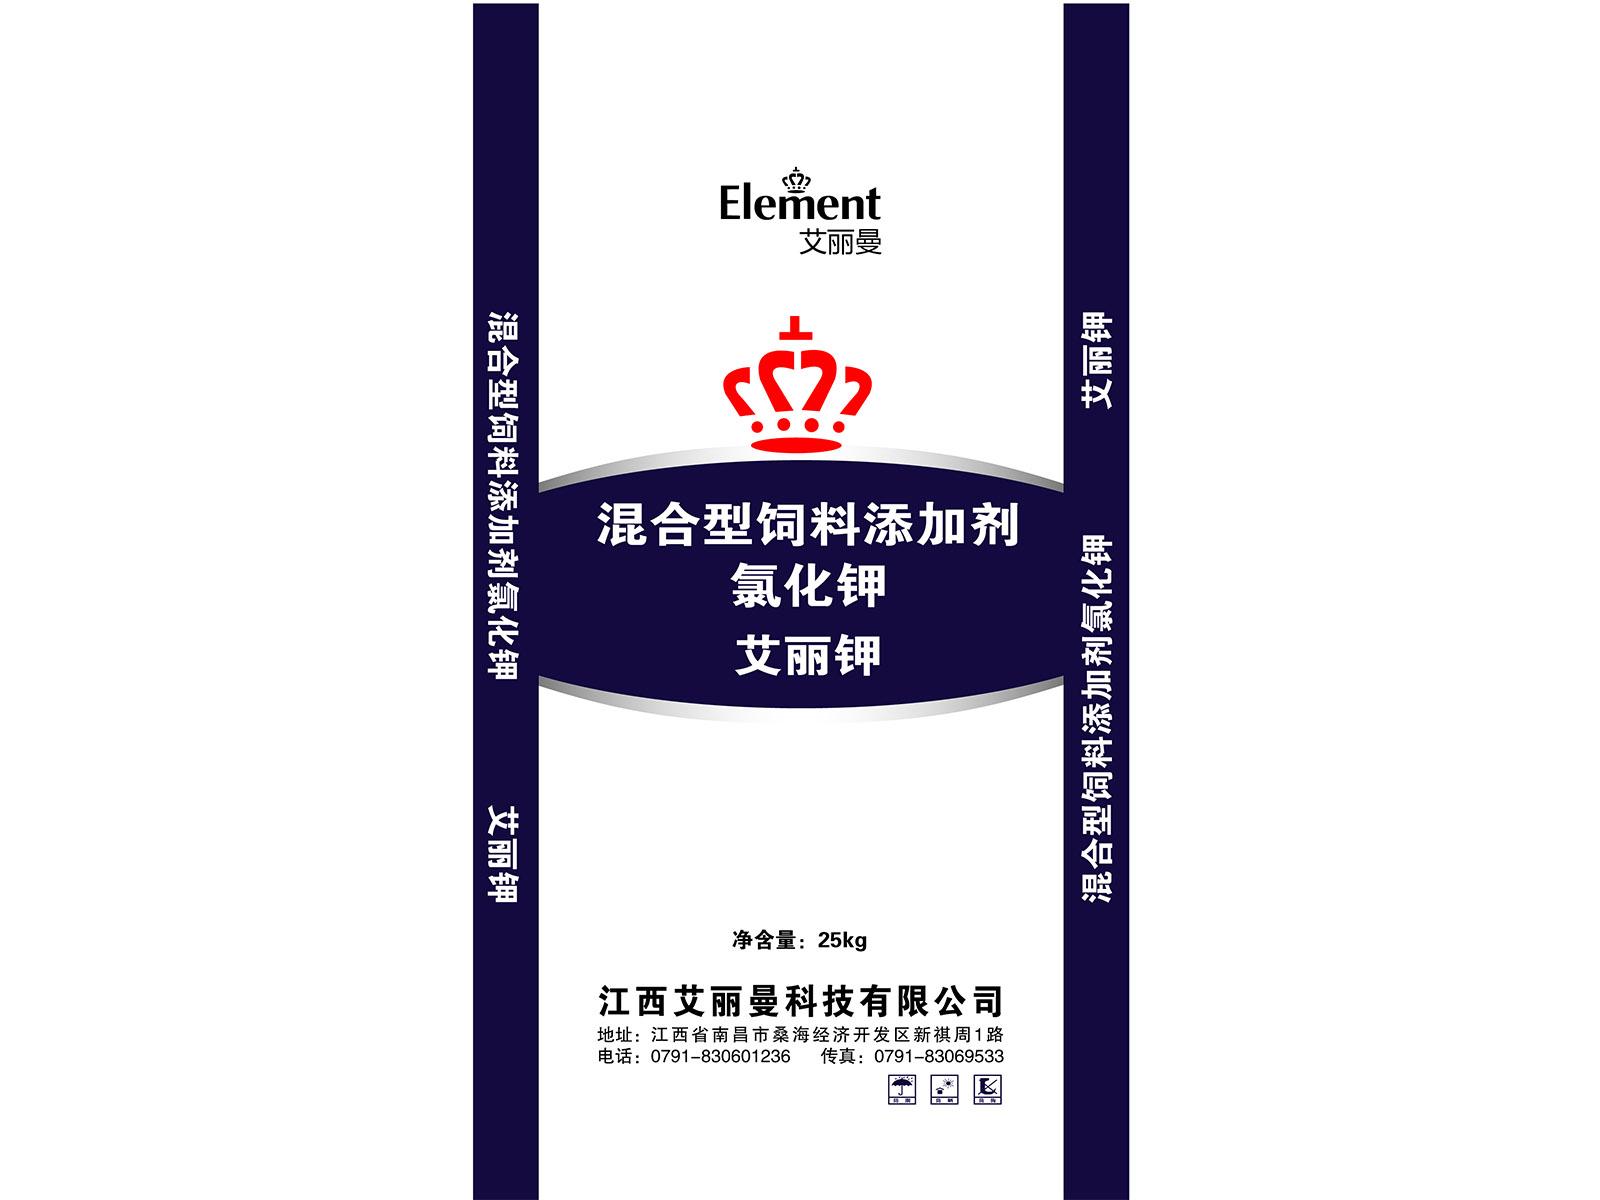 氯化镁|南昌优惠的微量元素饲料添加剂供应